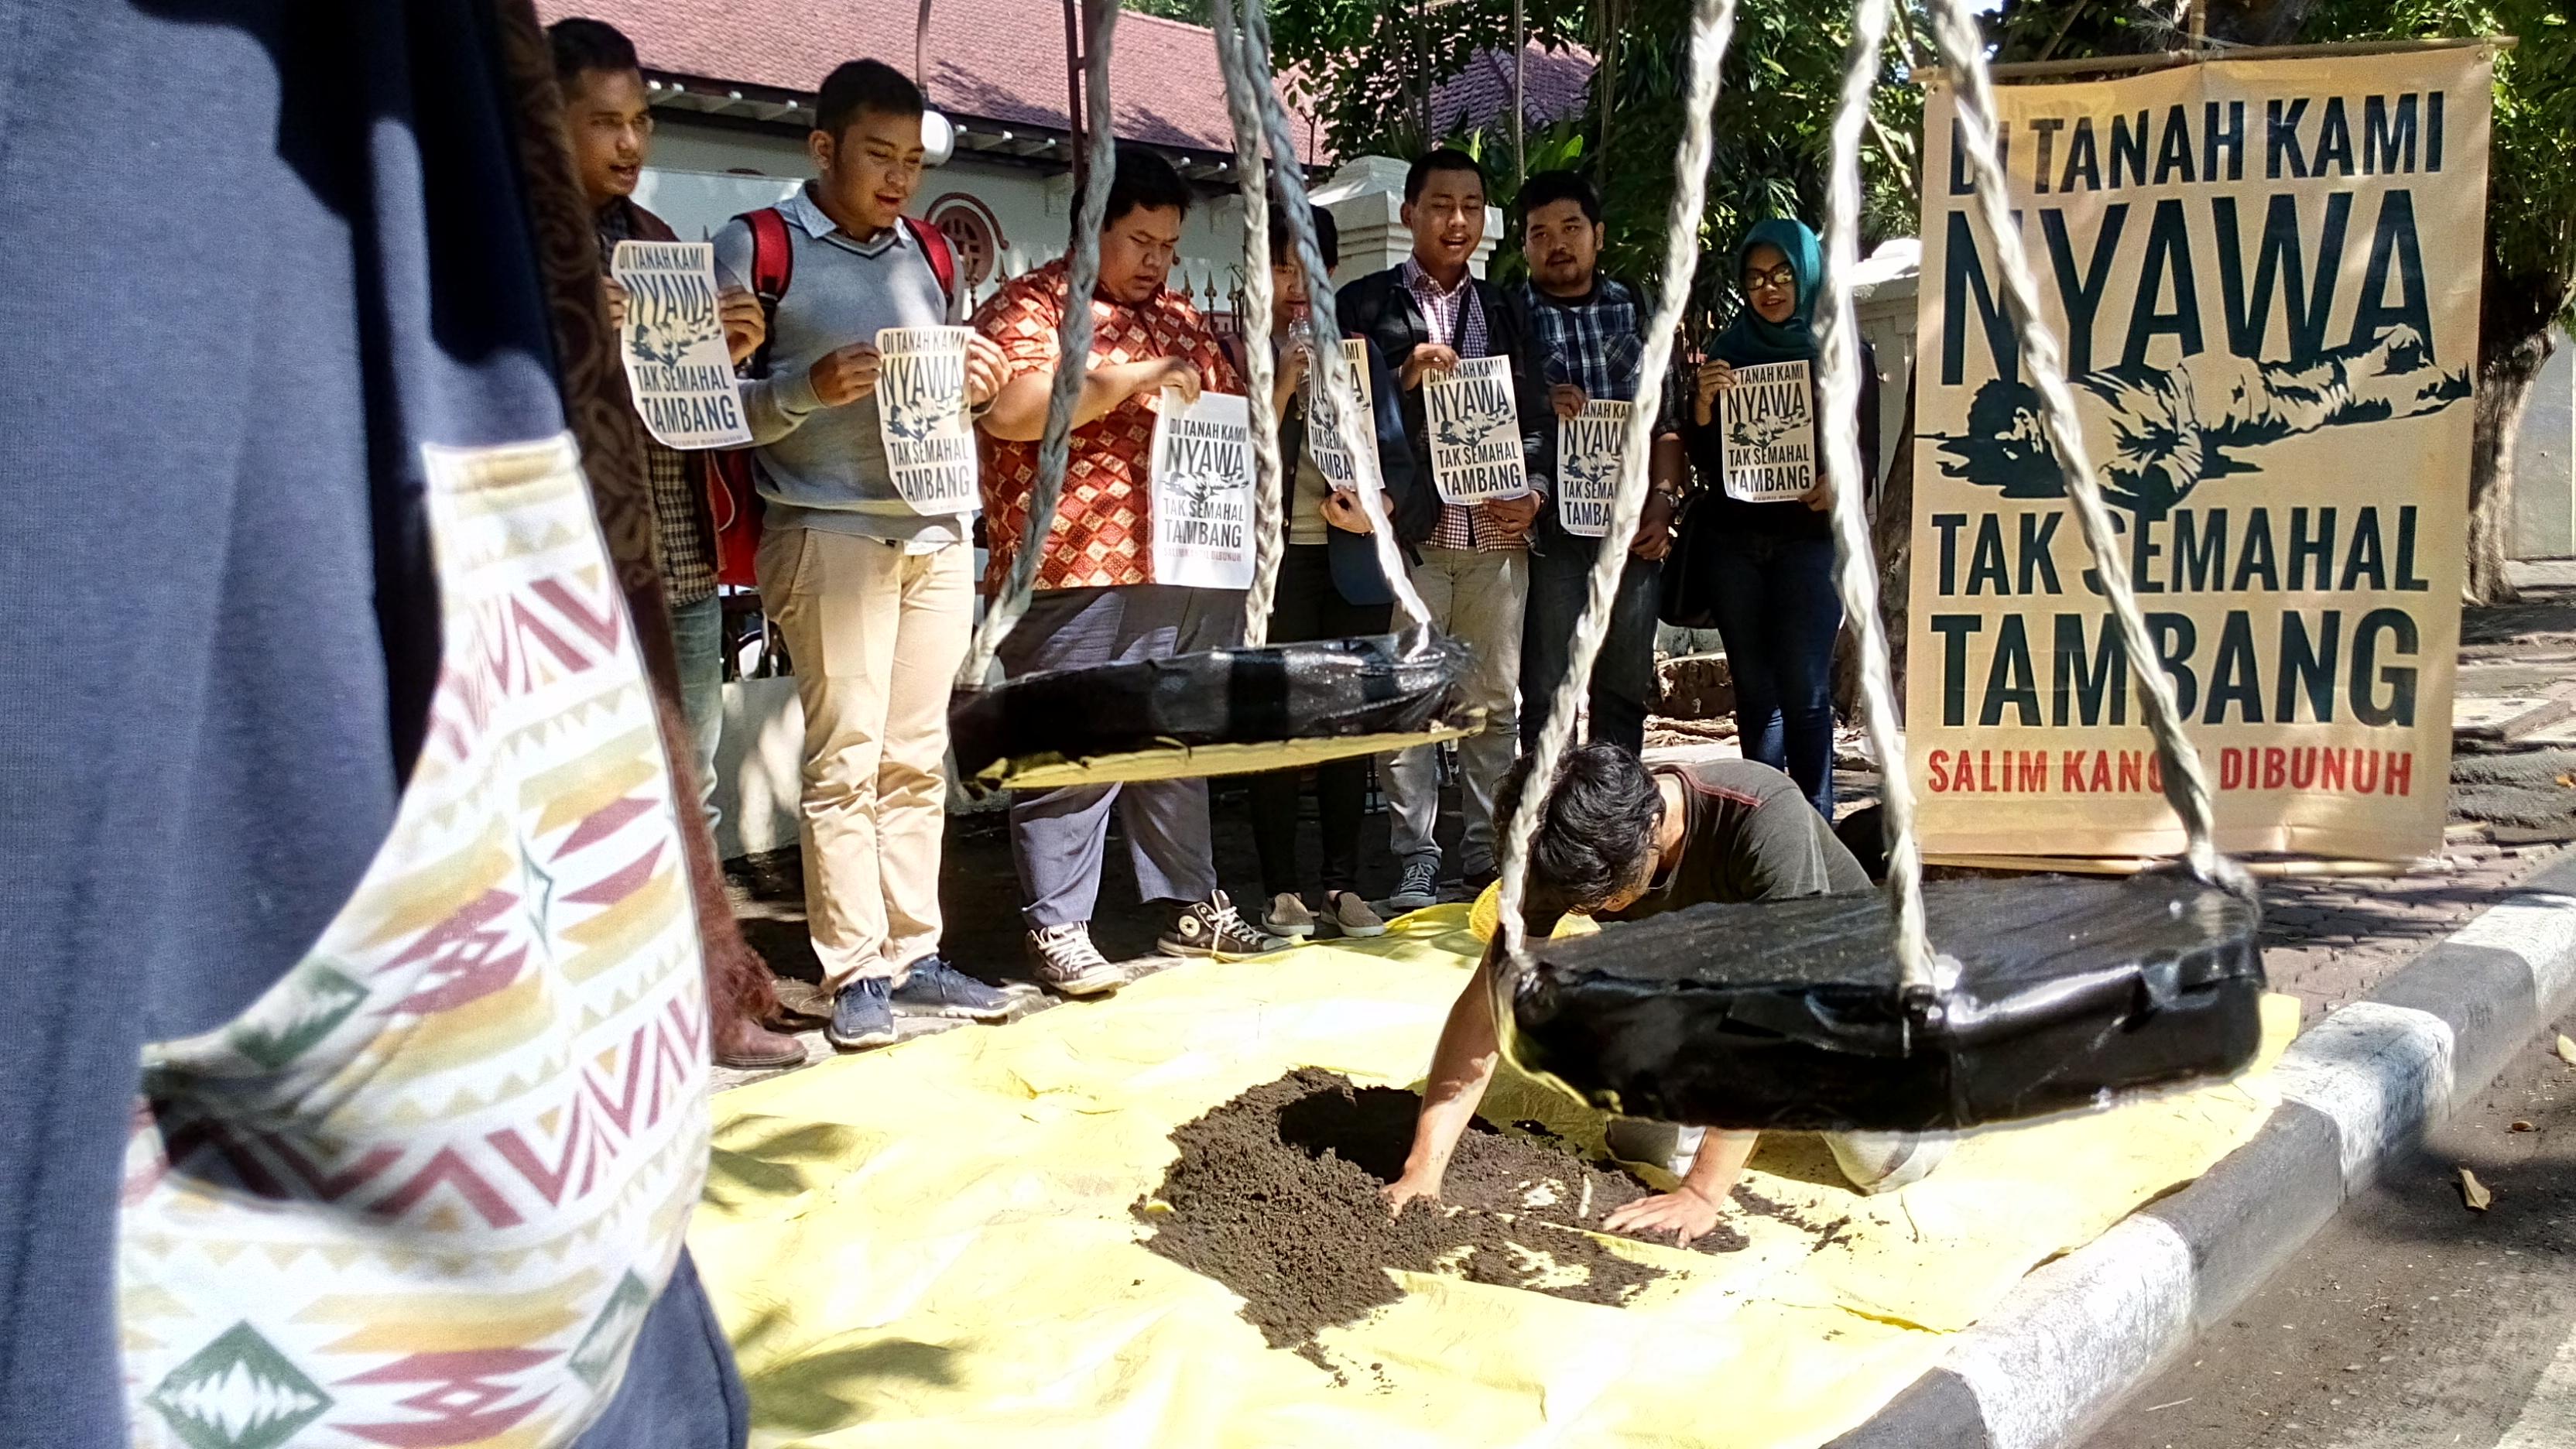 Pendukung aktivis tolak tambang berdemonstrasi di depan Pengadilan Negeri Surabaya, pada 18 Februari 2016. Foto oleh Amir Tedjo/Rappler